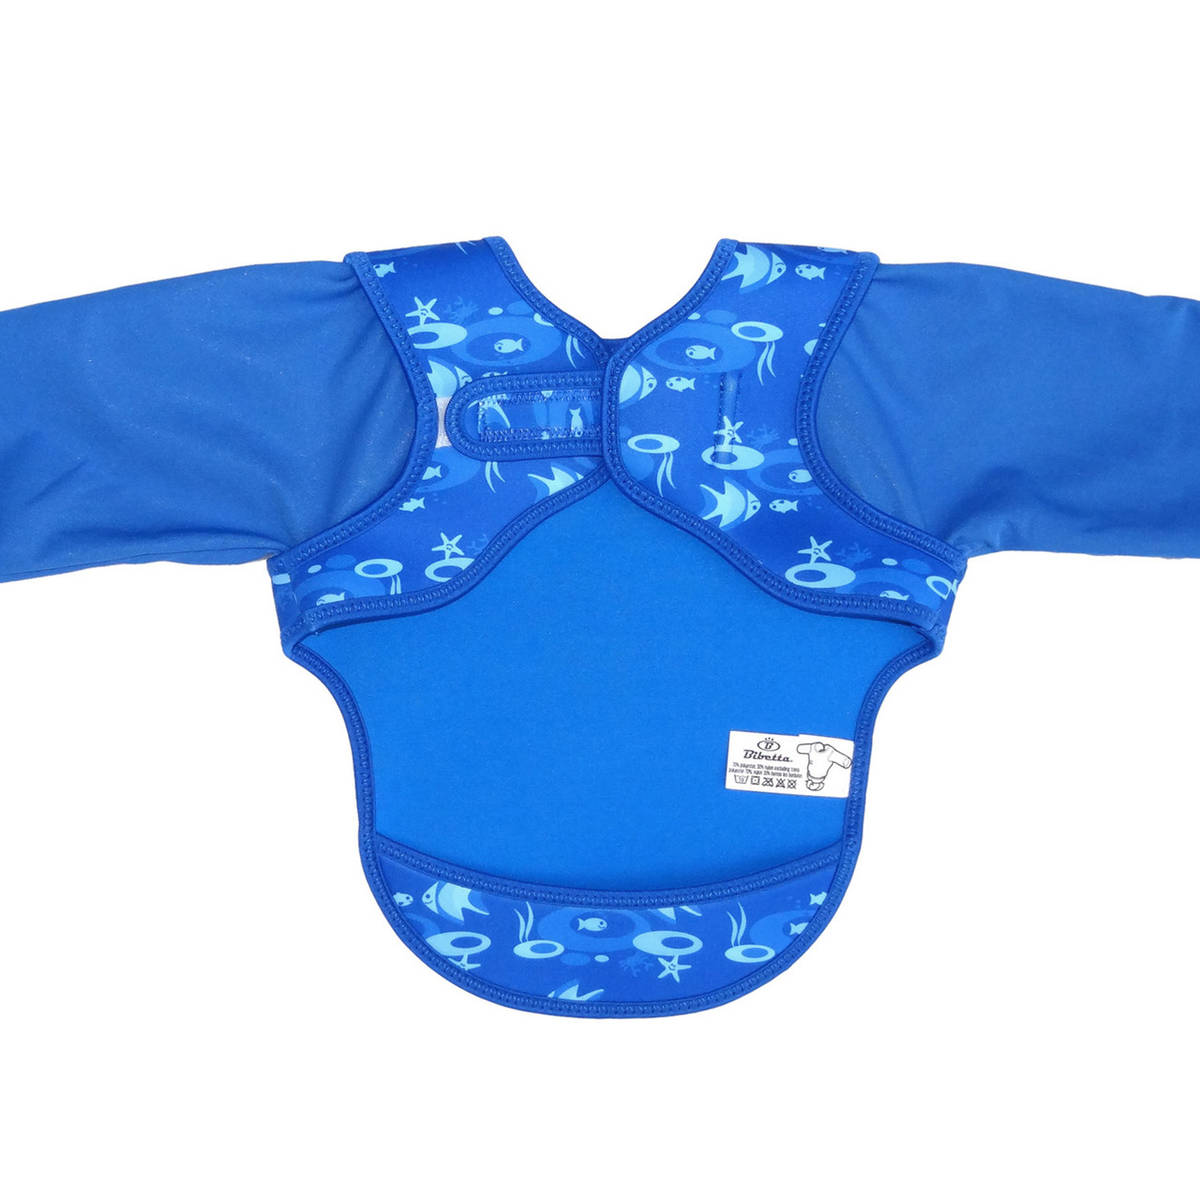 Sininen - Ruokalaput hihoilla - 4547763202 - 4